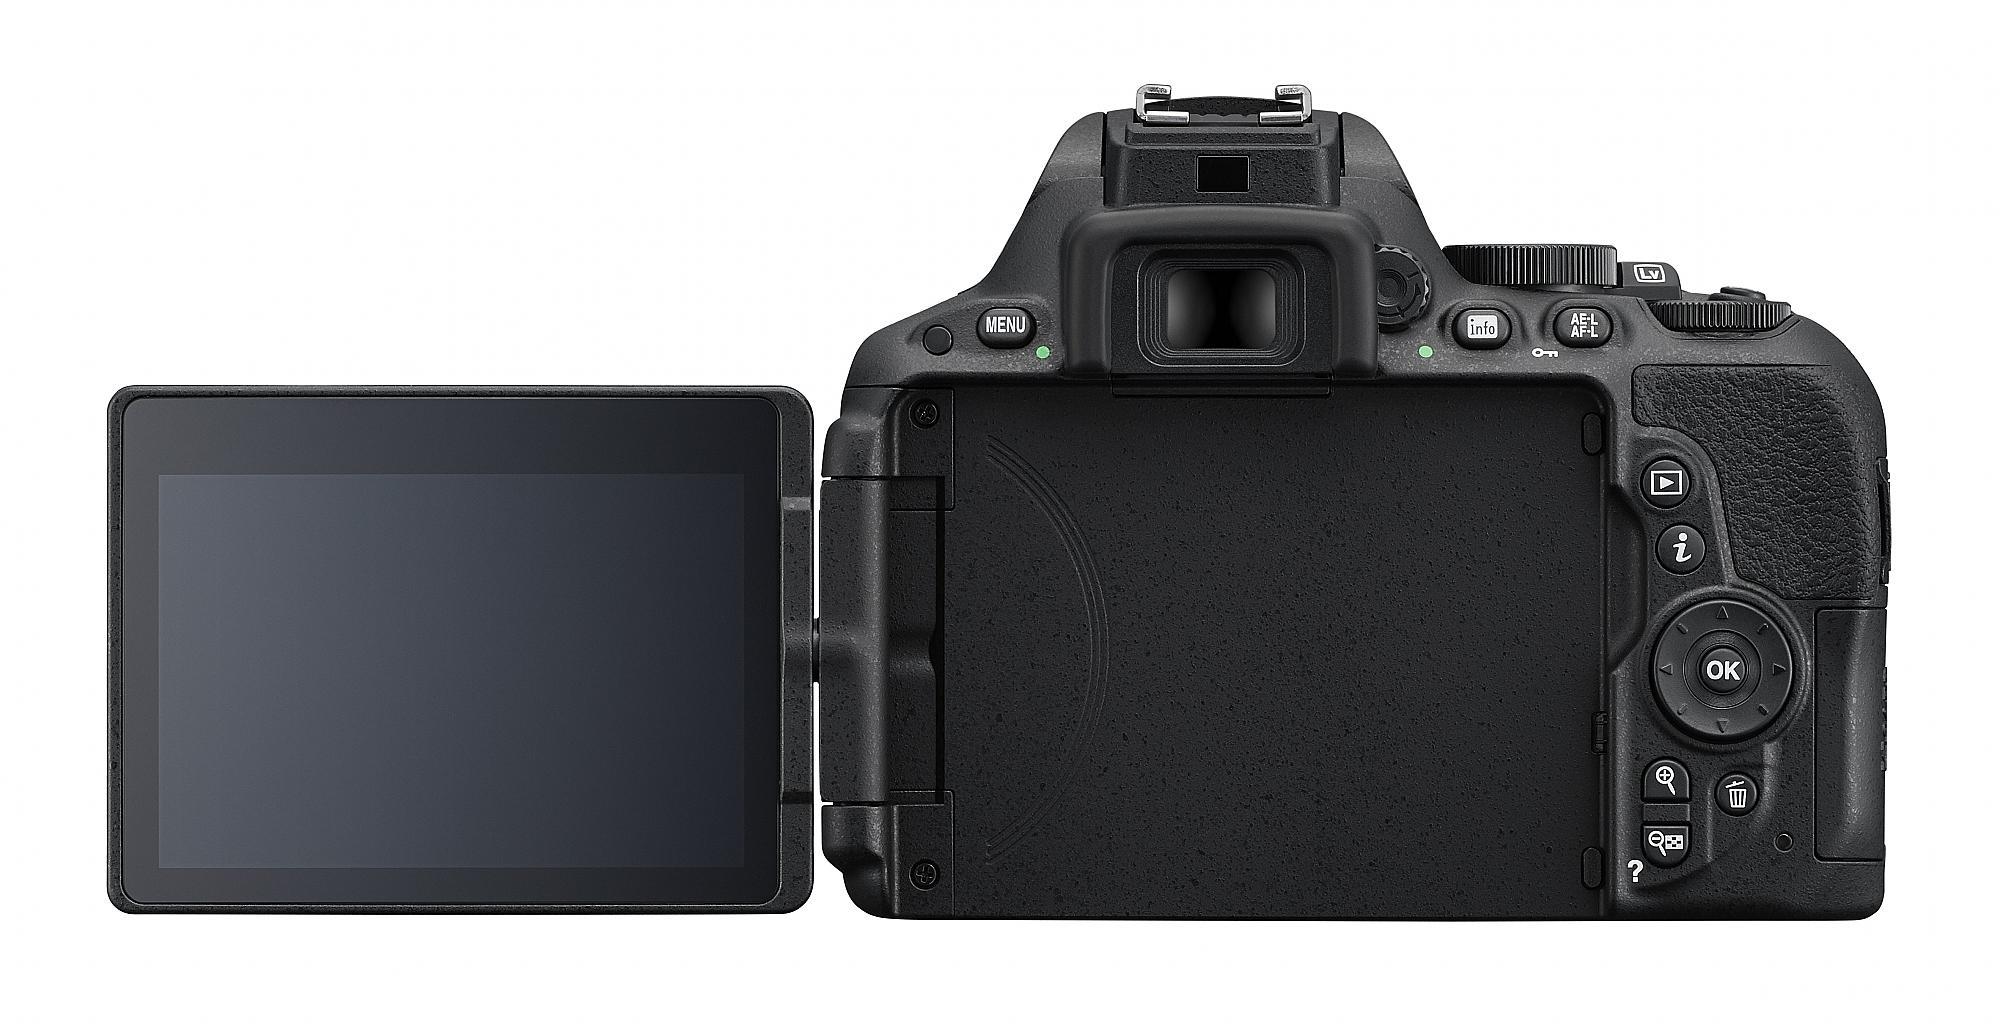 Baksidan av Nikon D5500